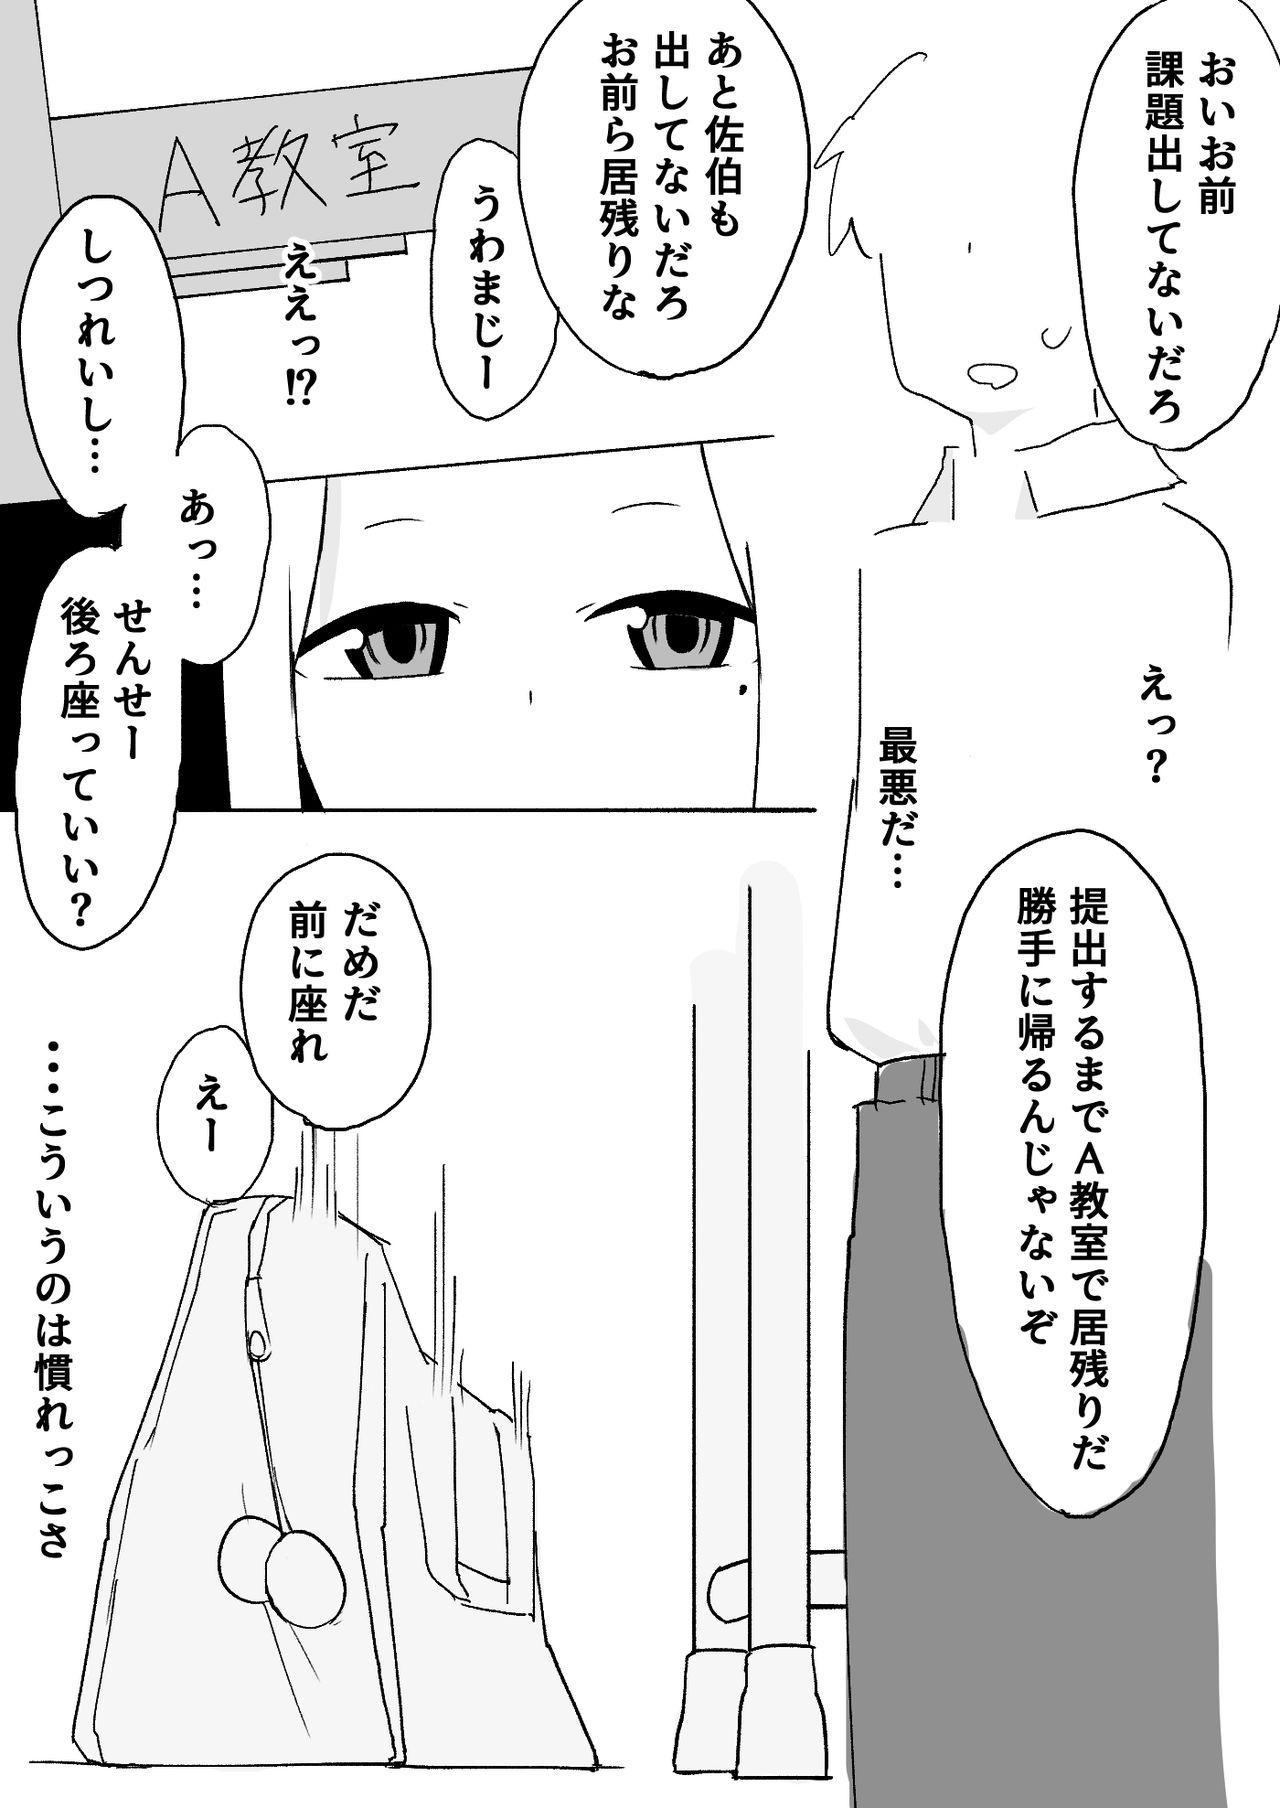 Saeki-san kansatsu nikki 4